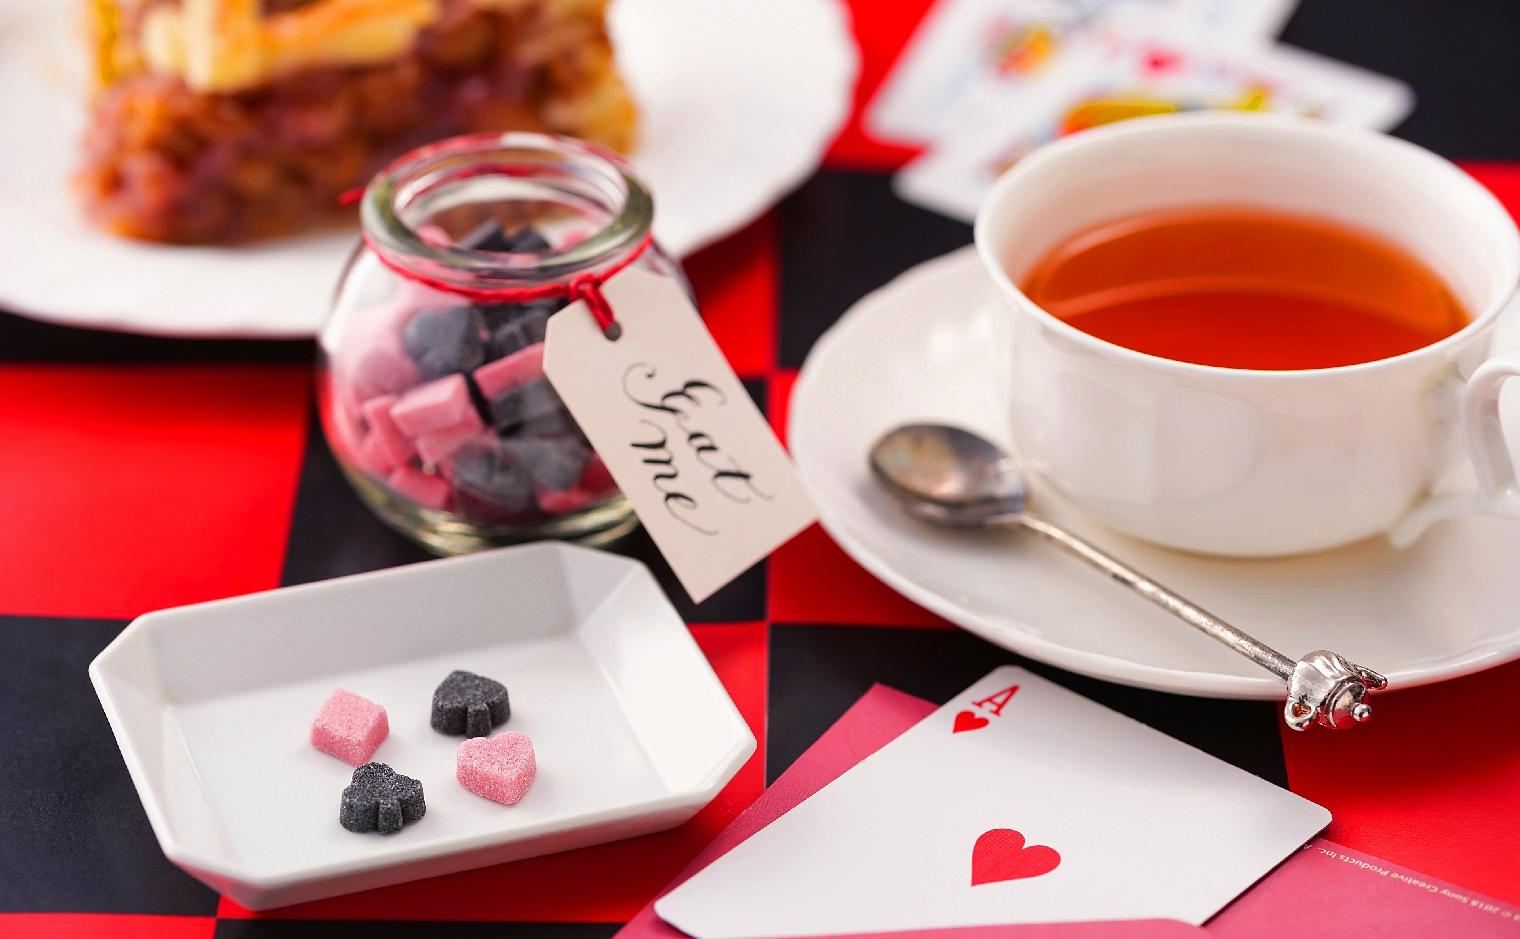 デザインシュガー,物語のある砂糖,かわいい,可愛い,手土産,ご挨拶,トランプ,ハート,クローバー,スペード,ダイヤ,不思議の国,お茶会,女子会,非日常,紅茶